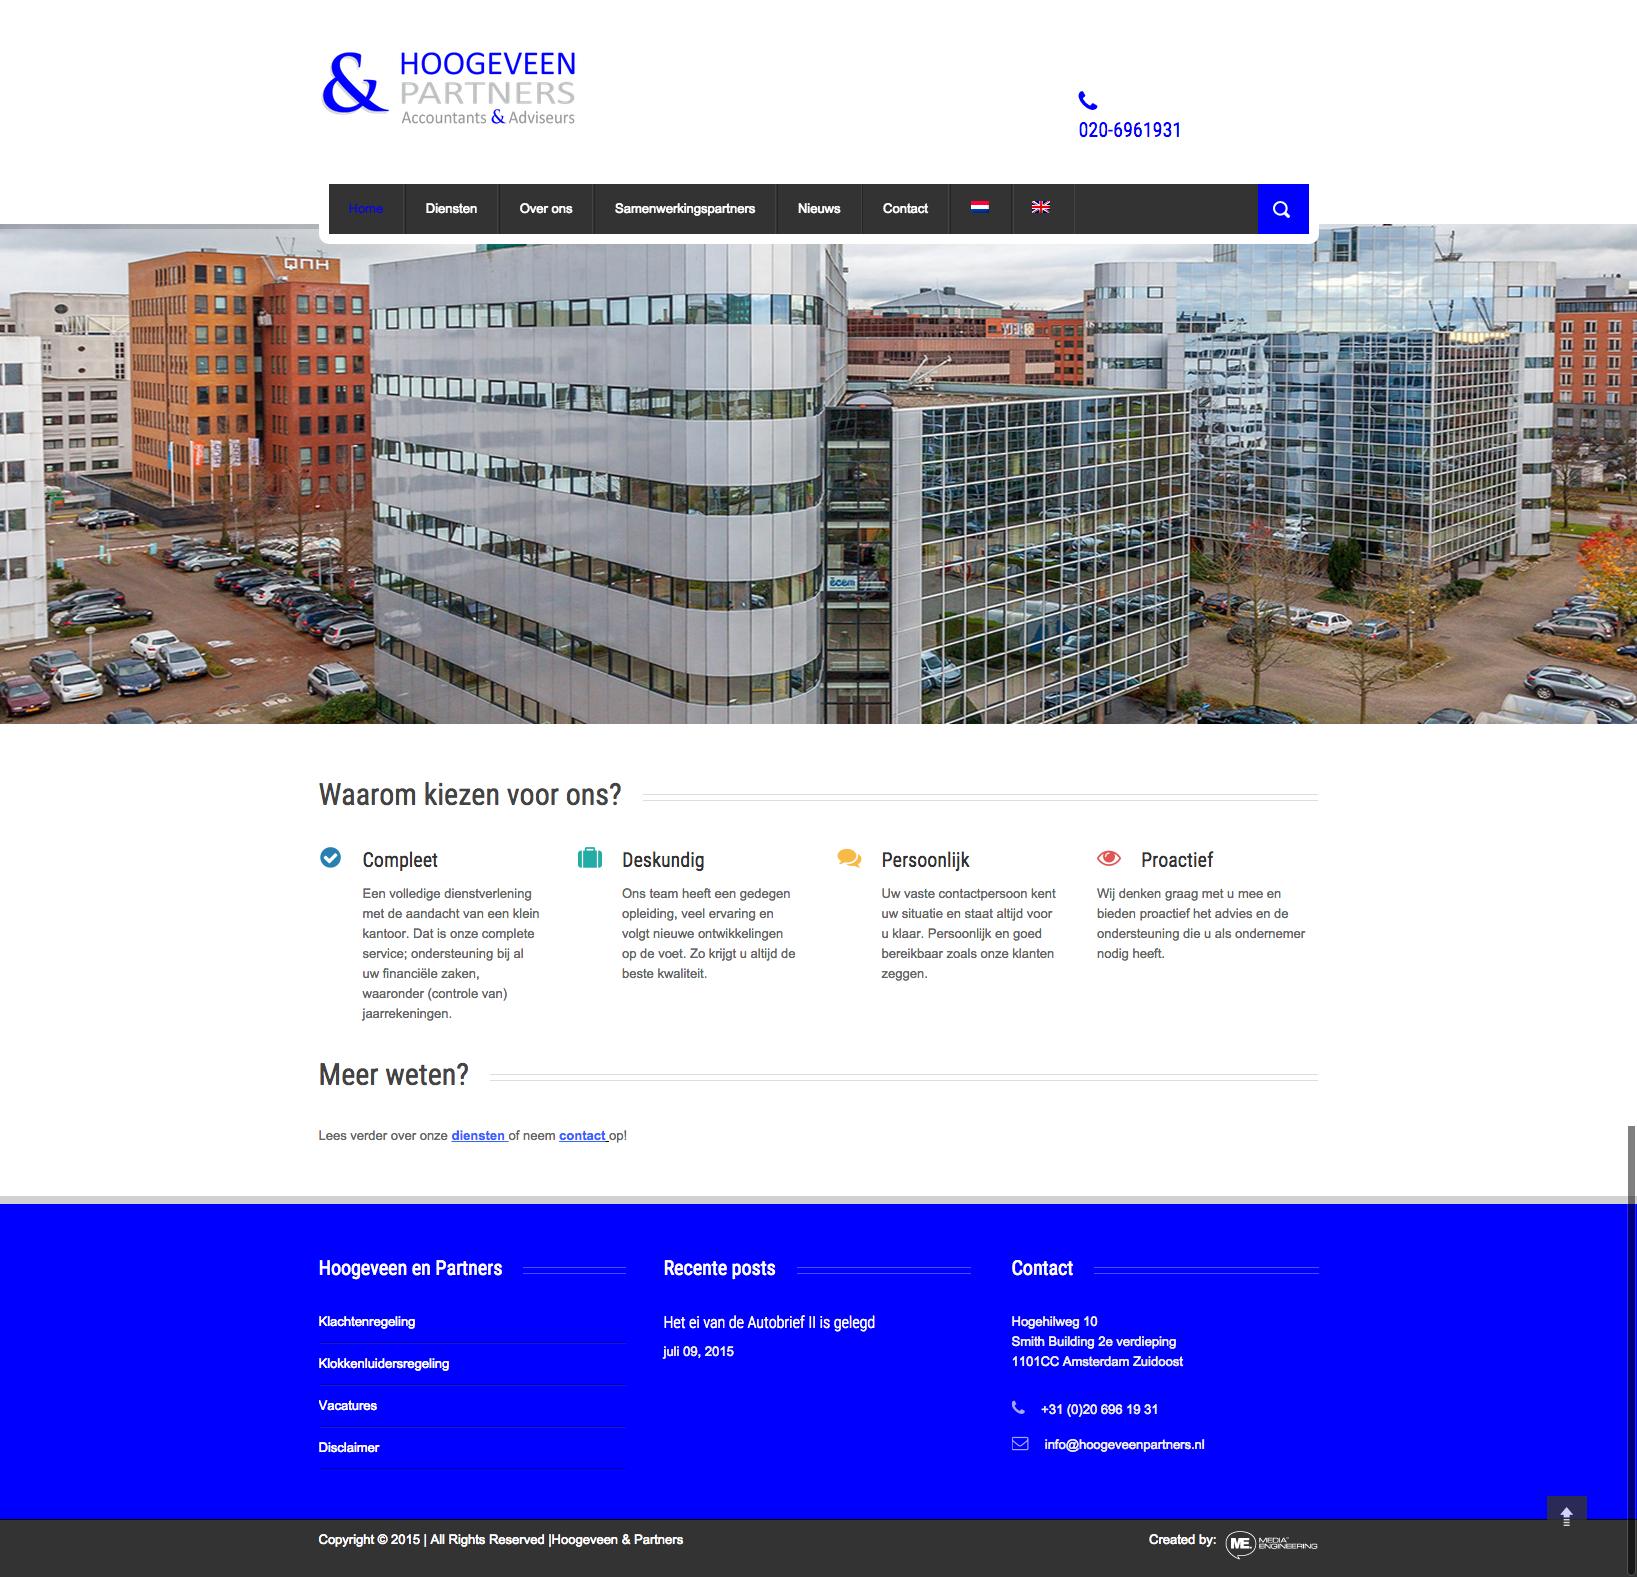 Hoogeveen-Partners